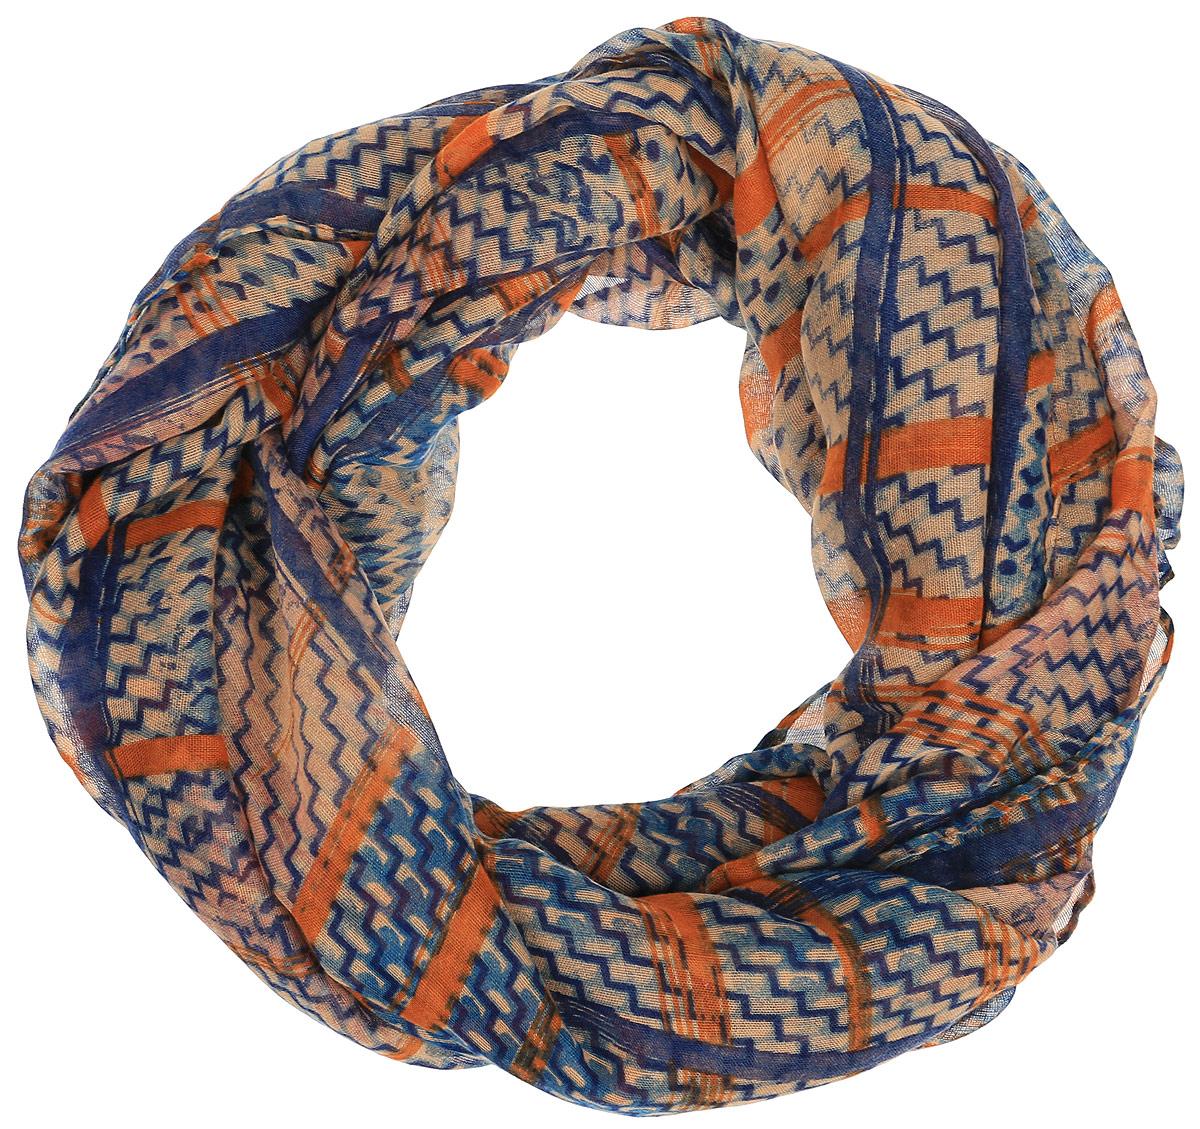 Палантин женский Finn Flare, цвет: синий, оранжевый. A16-11411_132. Размер 88 см х 188 смA16-11411_132Элегантный палантин Finn Flare согреет вас в непогоду и станет достойным завершением вашего образа.Палантин изготовлен из натуральной вискозы. Он оформлен оригинальным принтом в виде полос и зигзагов. Такой палантин превосходно дополнит любой наряд и подчеркнет ваш изысканный вкус. Легкий и изящный палантин принесет в ваш образ утонченность и шарм, и непременно вызовет восхищение окружающих.